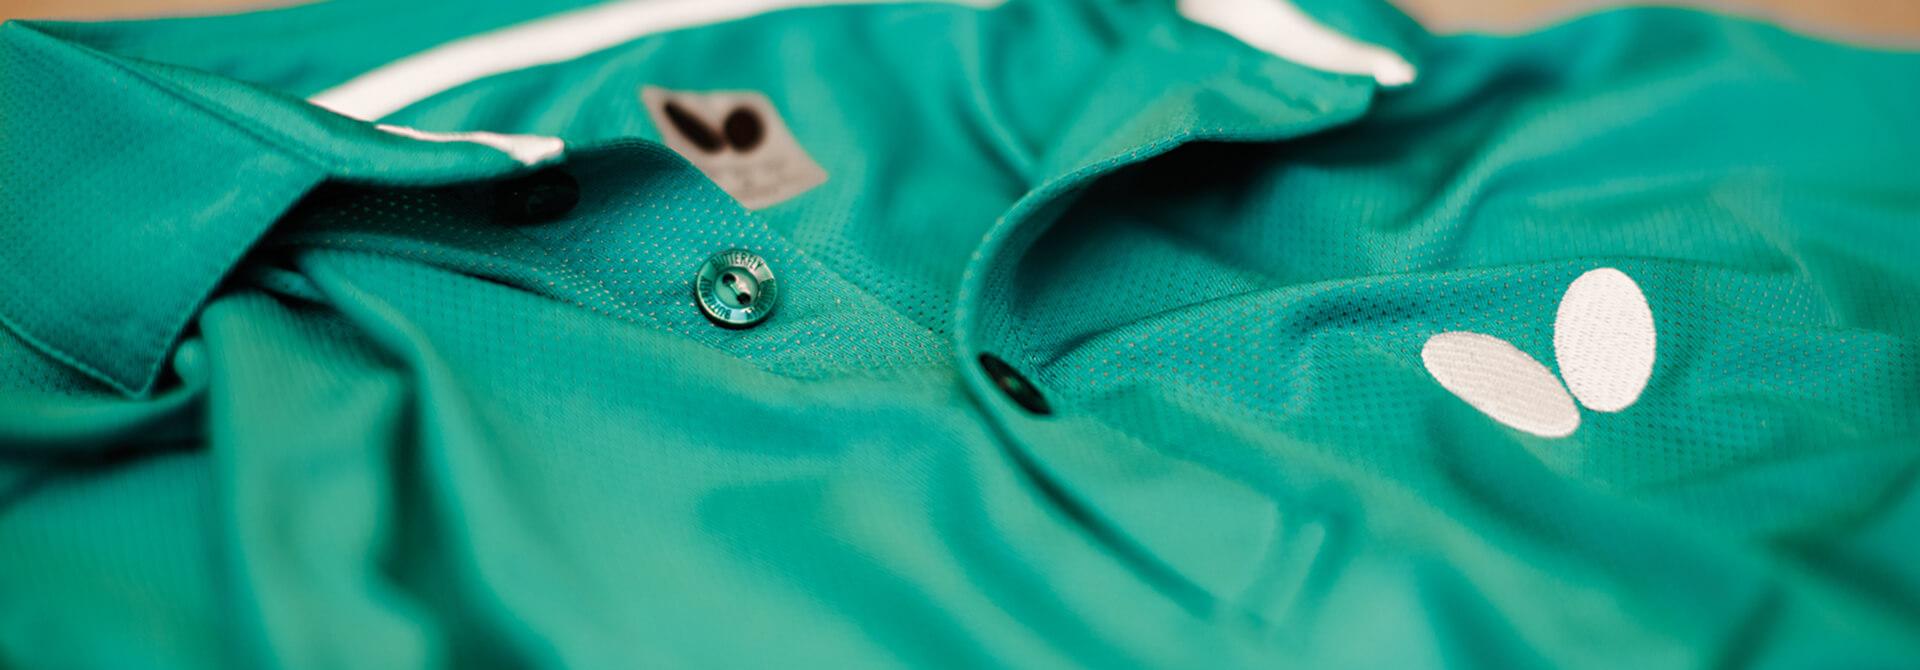 1dcf4080f3 Specjalistyczna odzież Butterfly. Również w segmencie odzieży sportowej ...